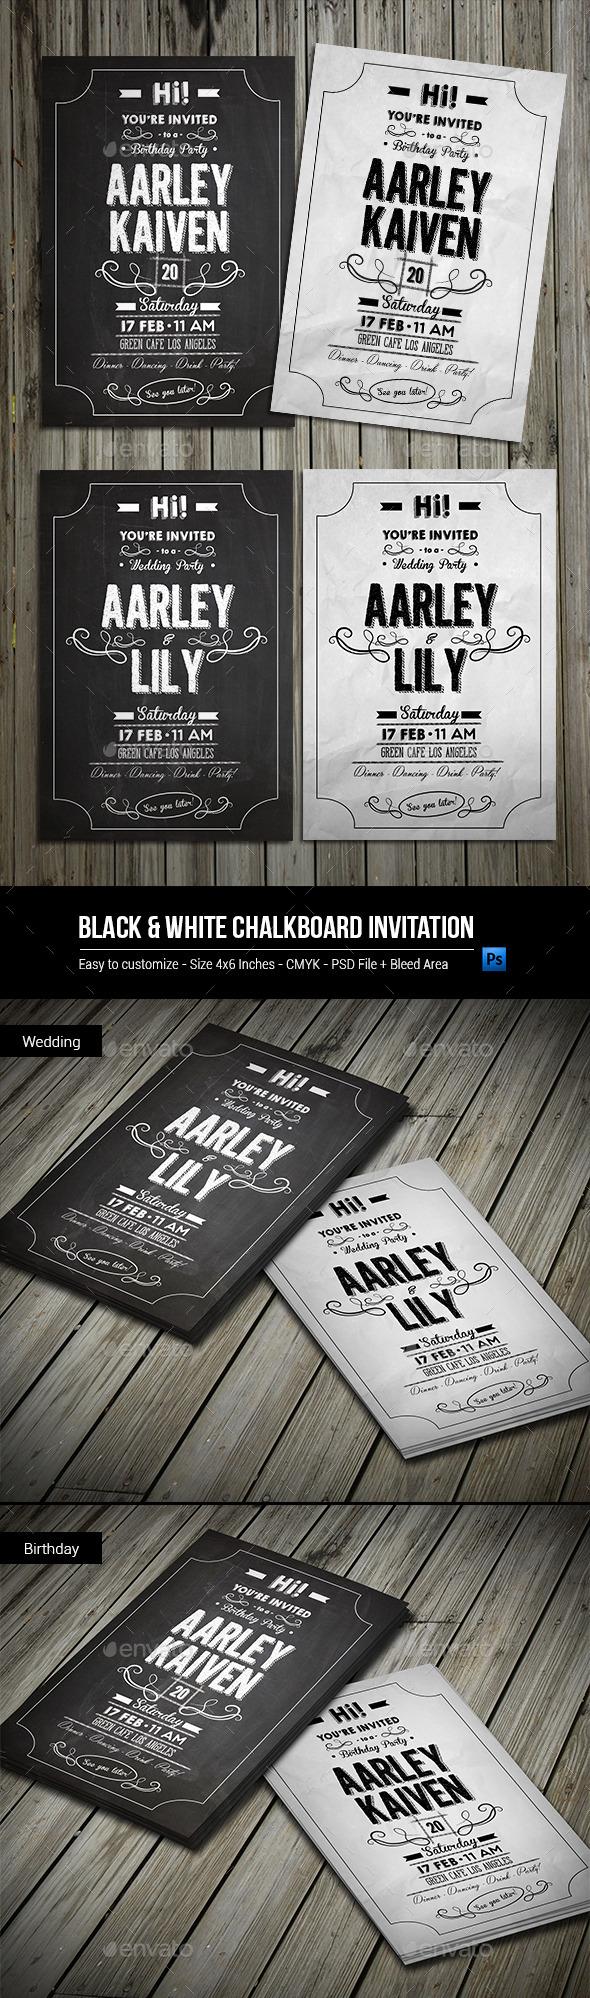 GraphicRiver Black & White Chalkboard Invitation 9908378